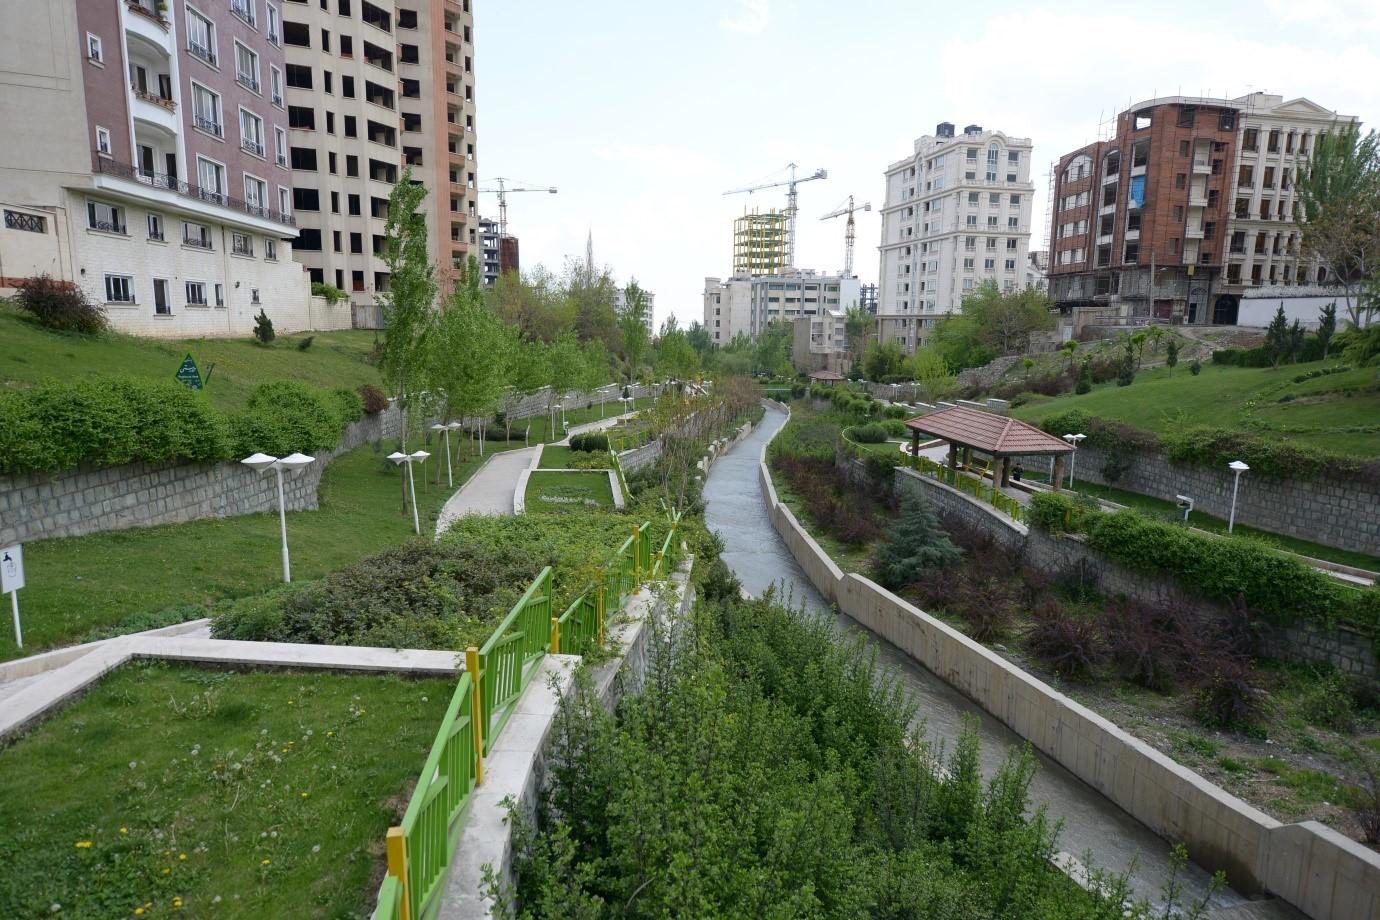 جداسازی تعاملات اجتماعی از ساختارهای طبیعی در شهر